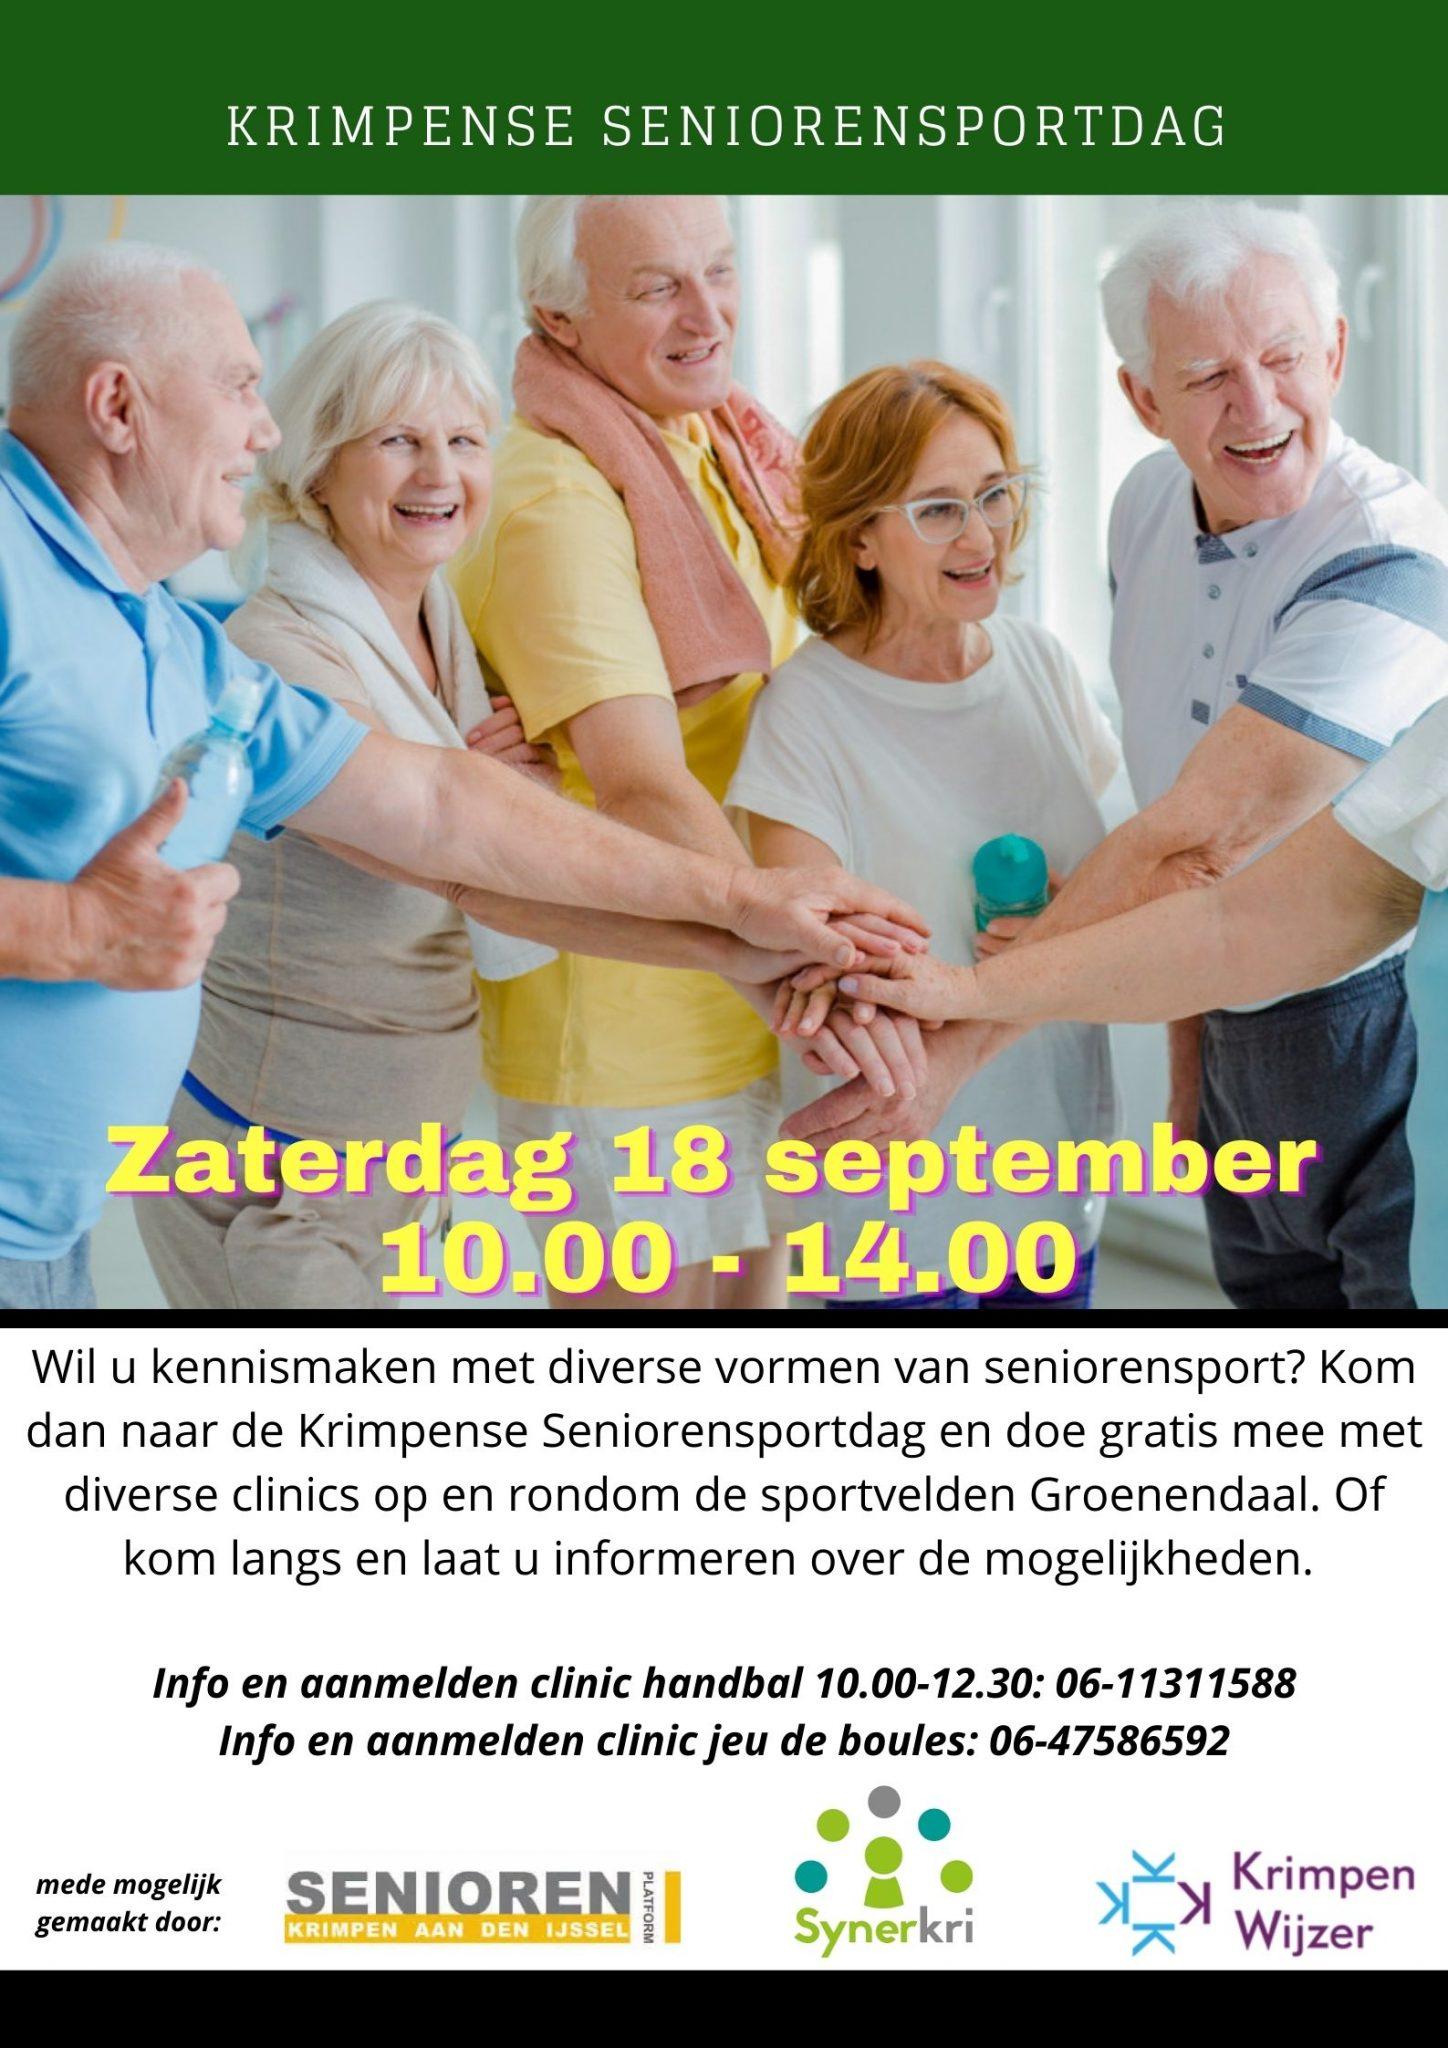 Krimpense SeniorenSportdag - Zaterdag 18 september